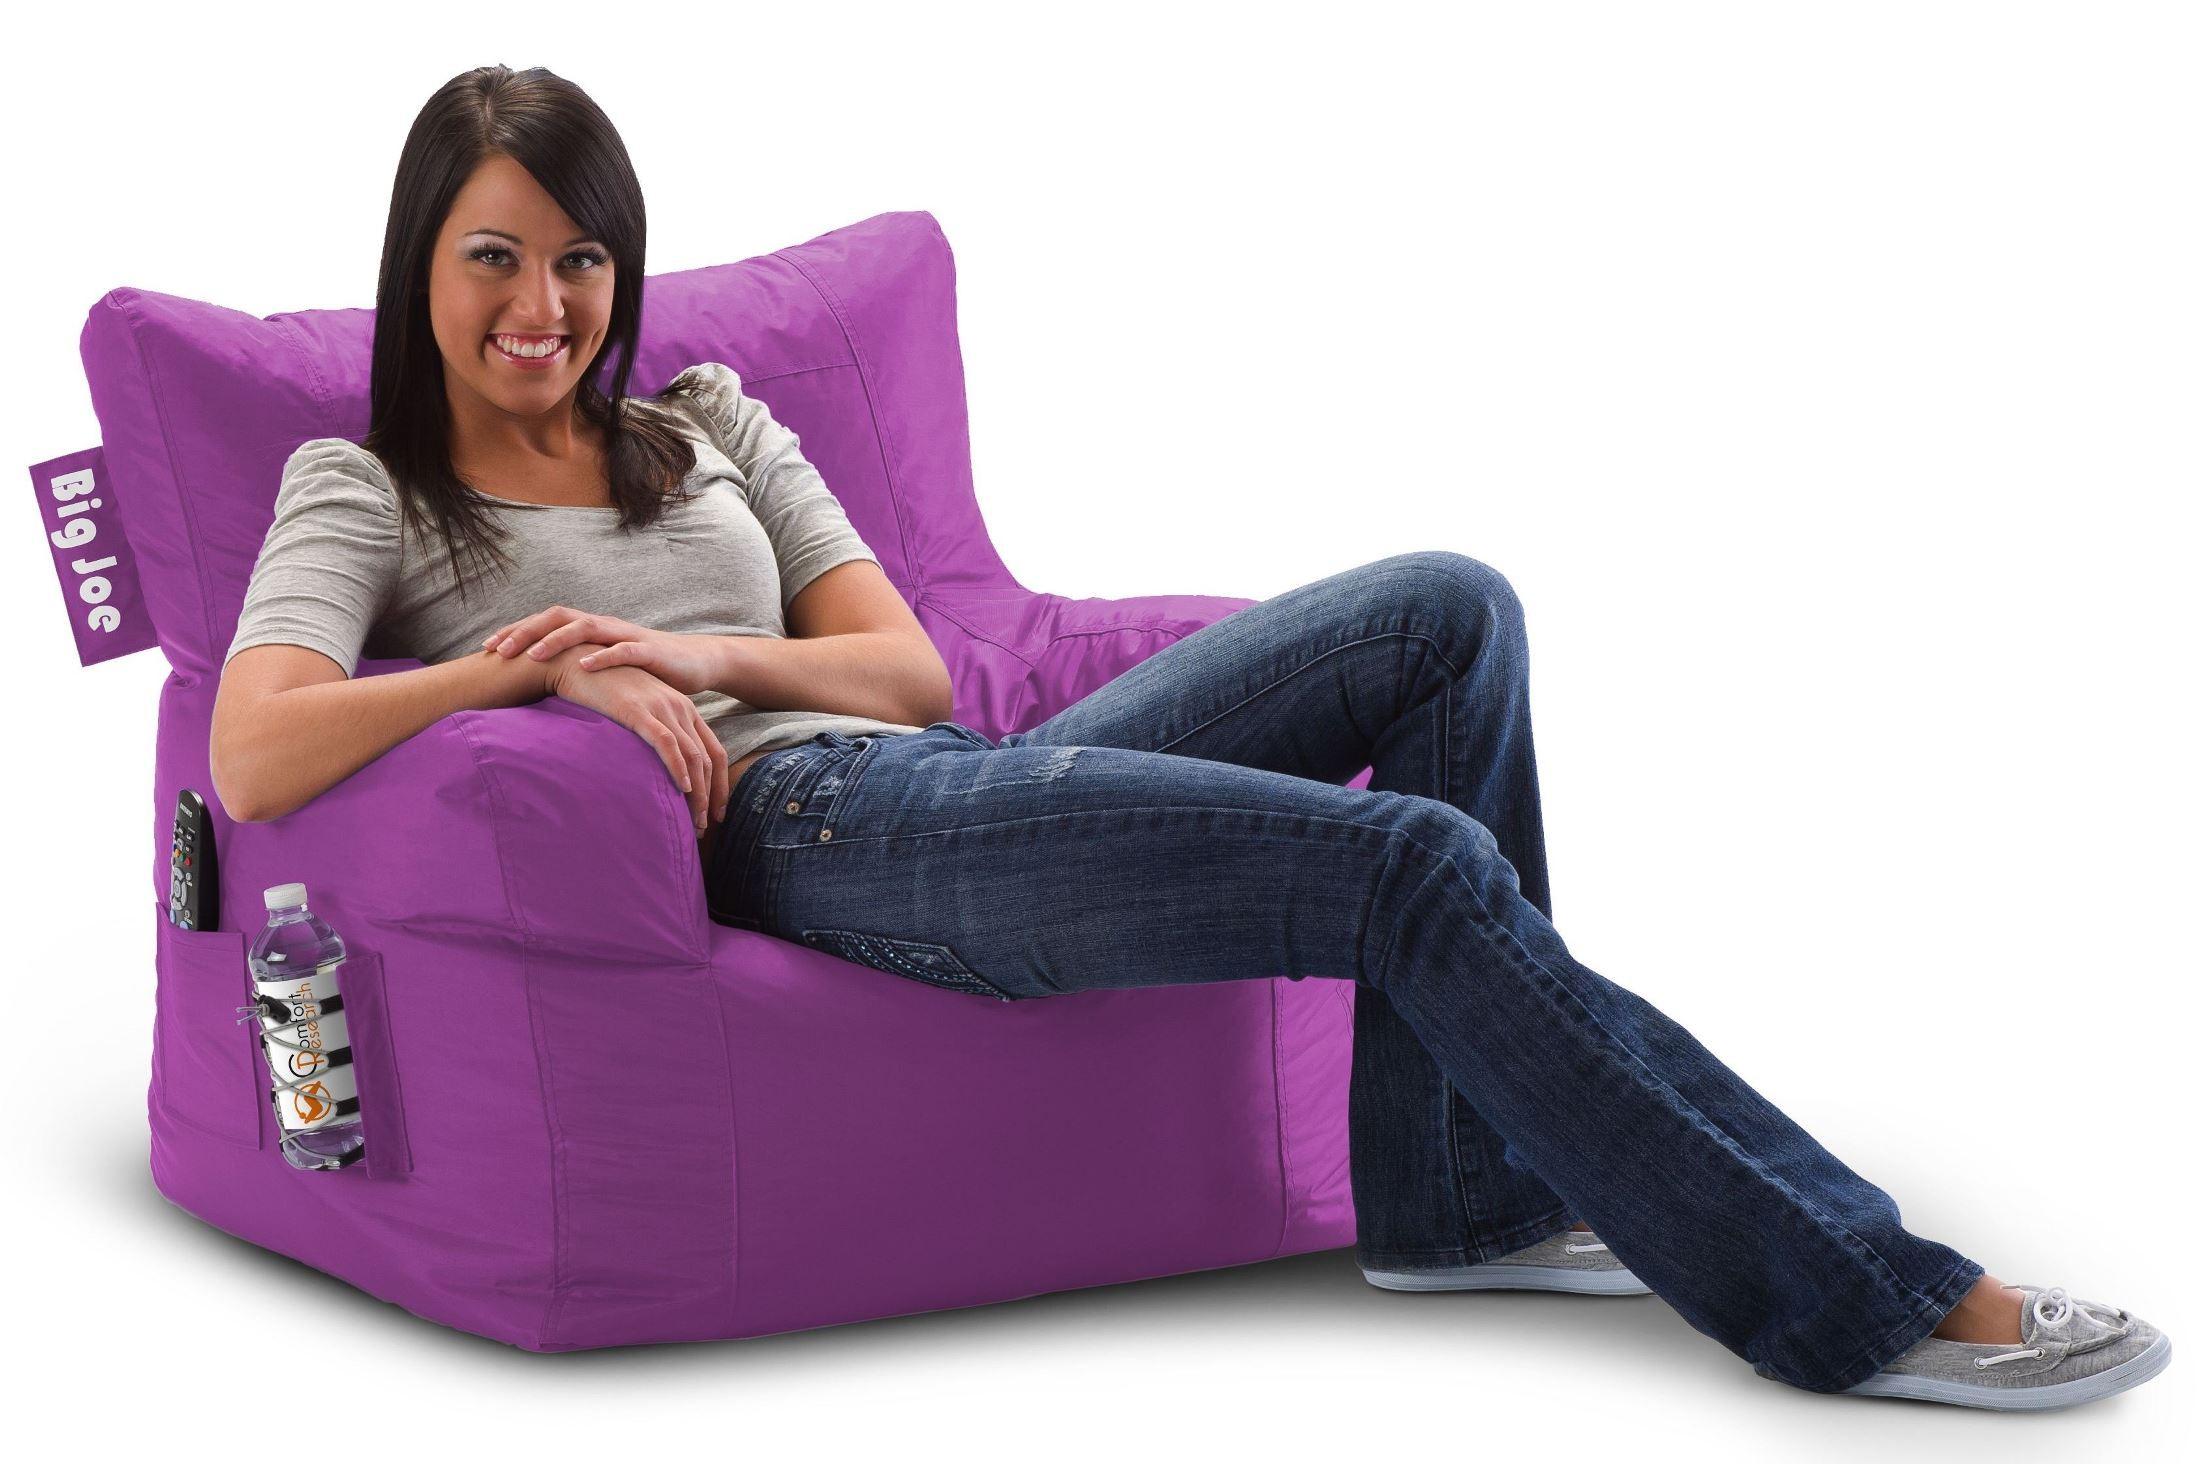 Big Joe Dorm Radiant Orchid SmartMax Chair From Comfort